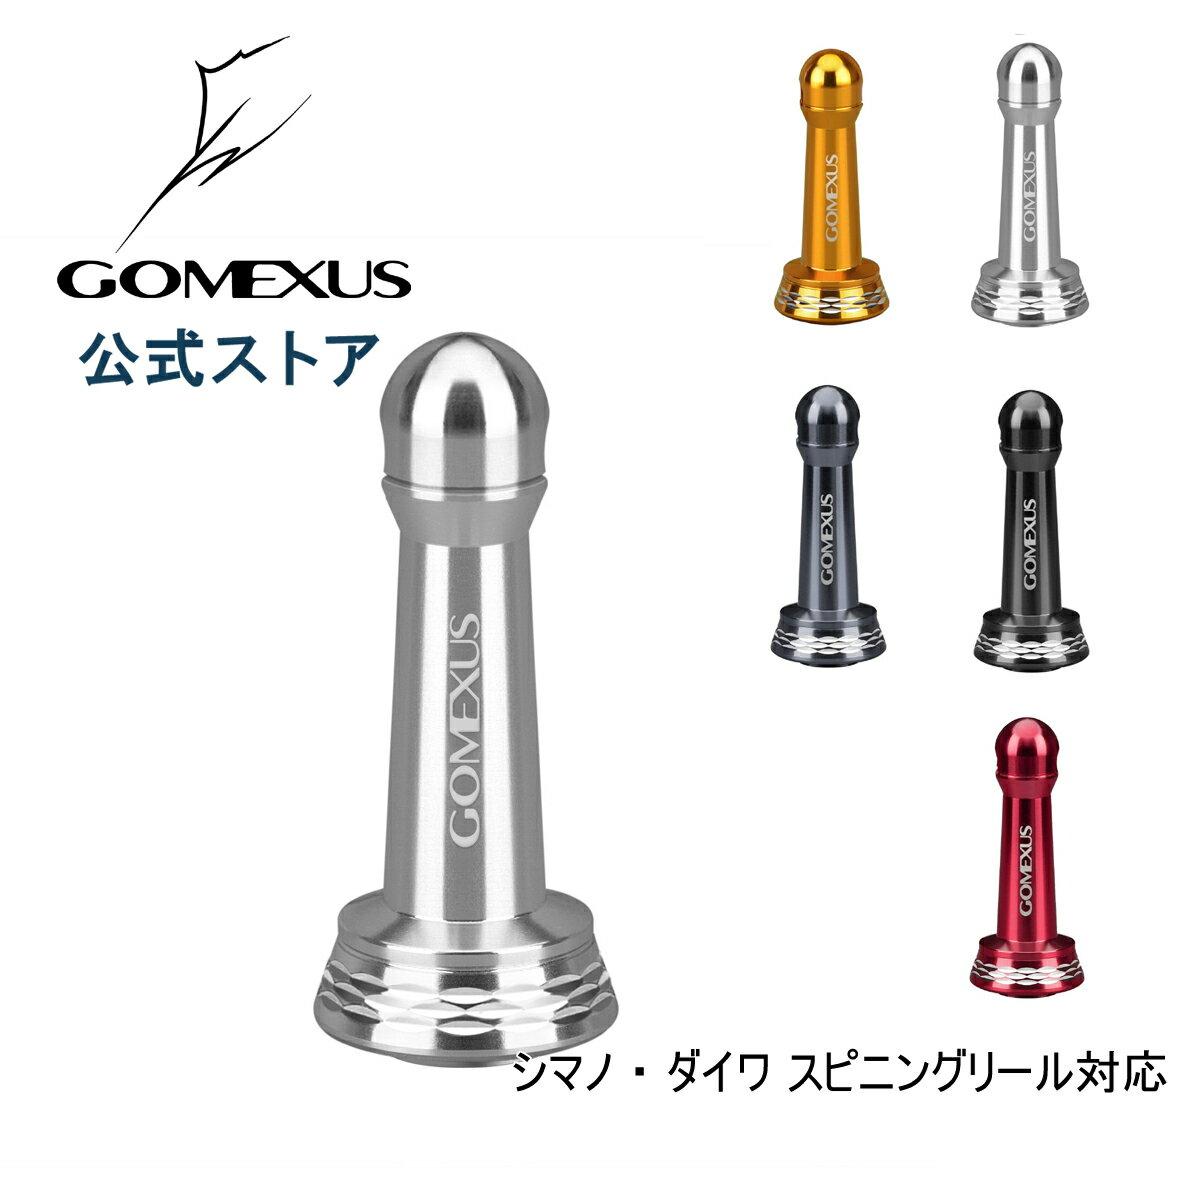 フィッシング, リールパーツ  shimano daiwa 17 3000-5000 19 15 16 1003-3012 42mm Gomexus